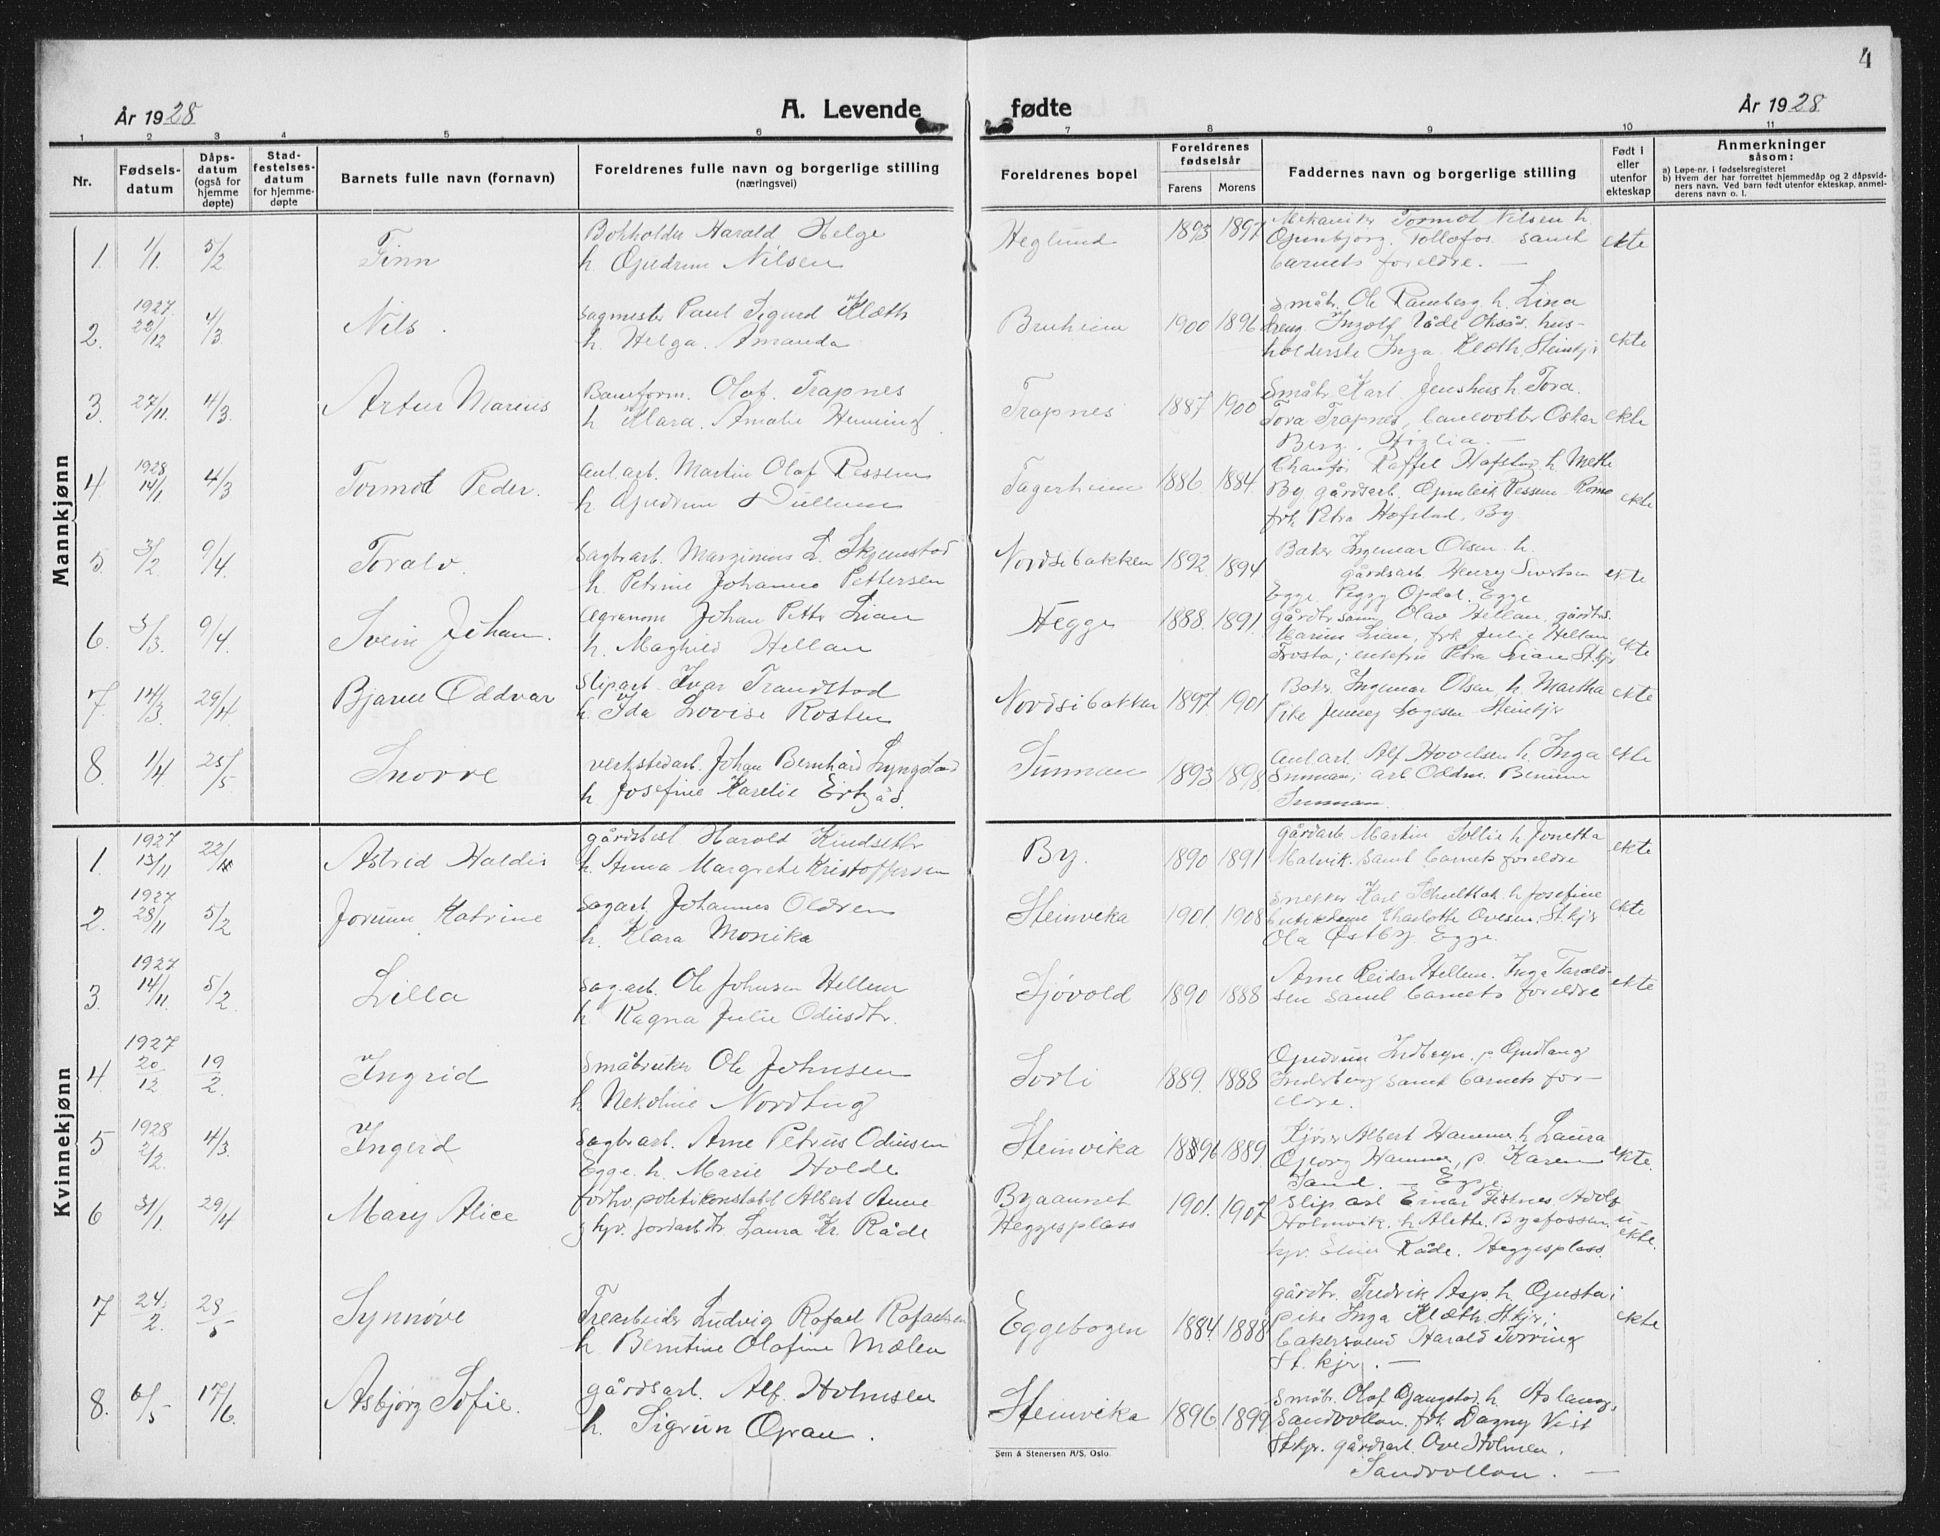 SAT, Ministerialprotokoller, klokkerbøker og fødselsregistre - Nord-Trøndelag, 740/L0383: Klokkerbok nr. 740C04, 1927-1939, s. 4